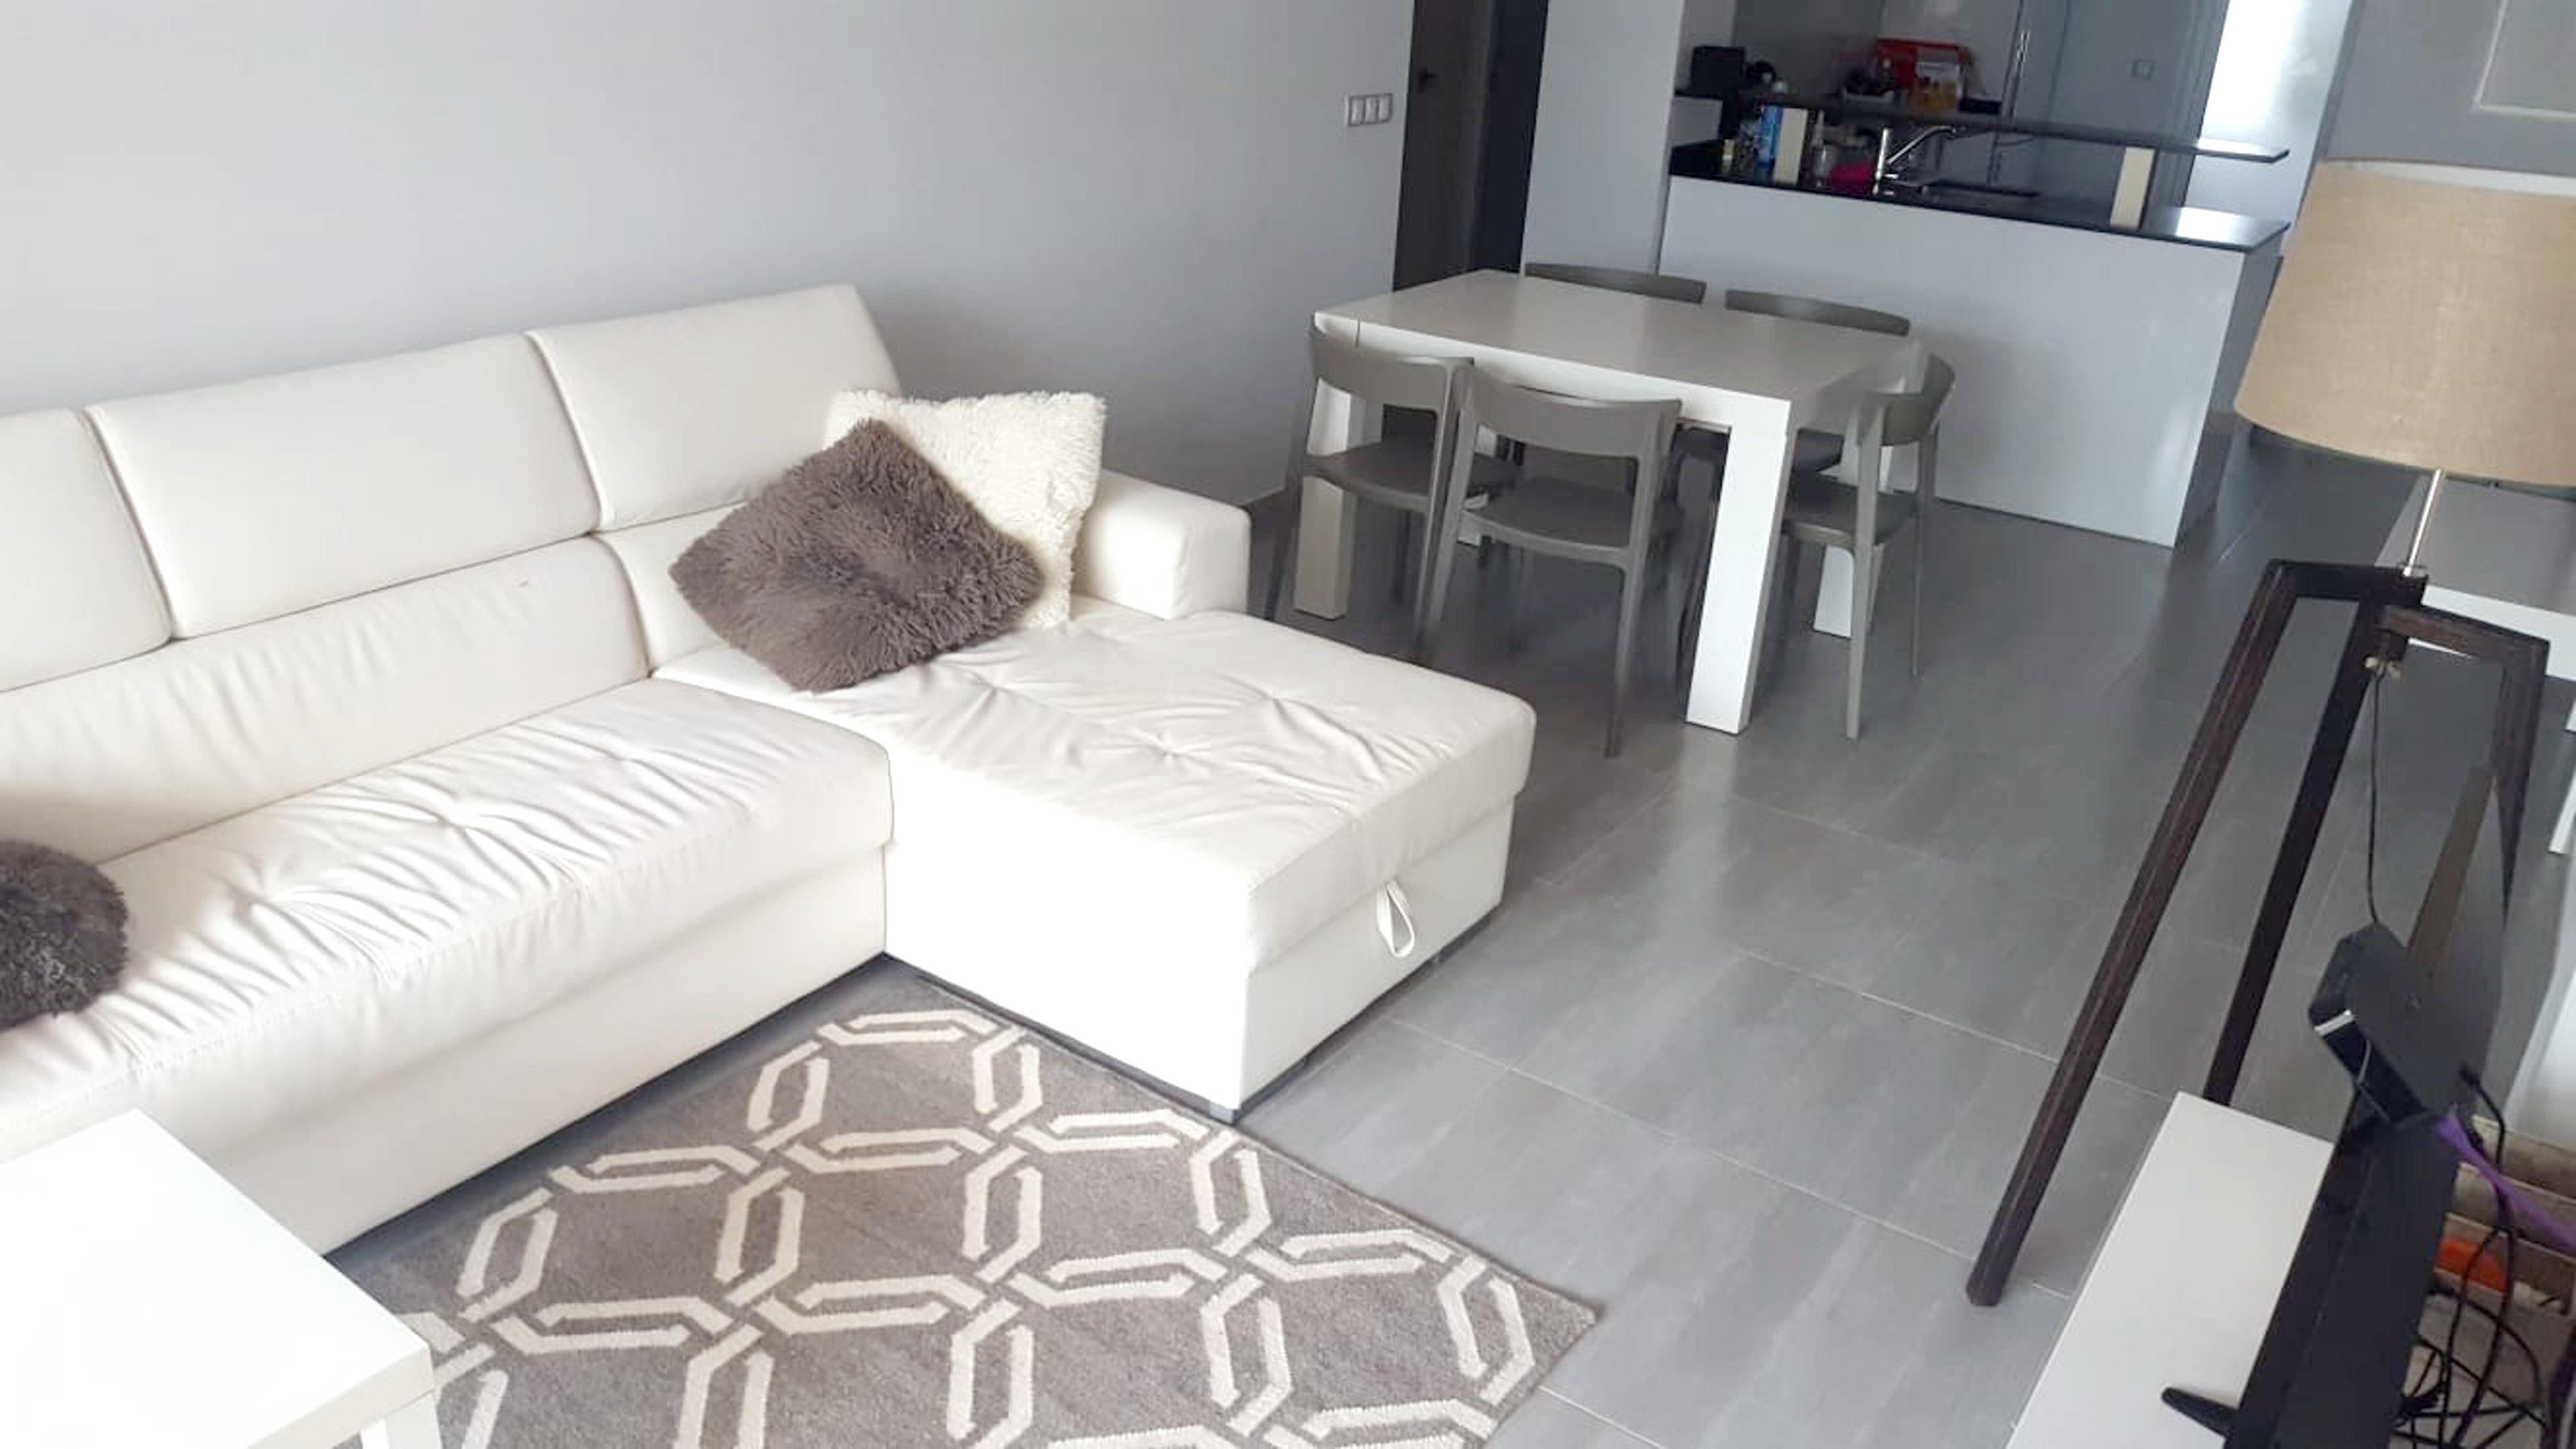 Ferienwohnung Wohnung mit 2 Schlafzimmern in San Juan de los Terreros mit herrlichem Meerblick, Pool, ei (2372661), San Juan de los Terreros, Costa de Almeria, Andalusien, Spanien, Bild 3